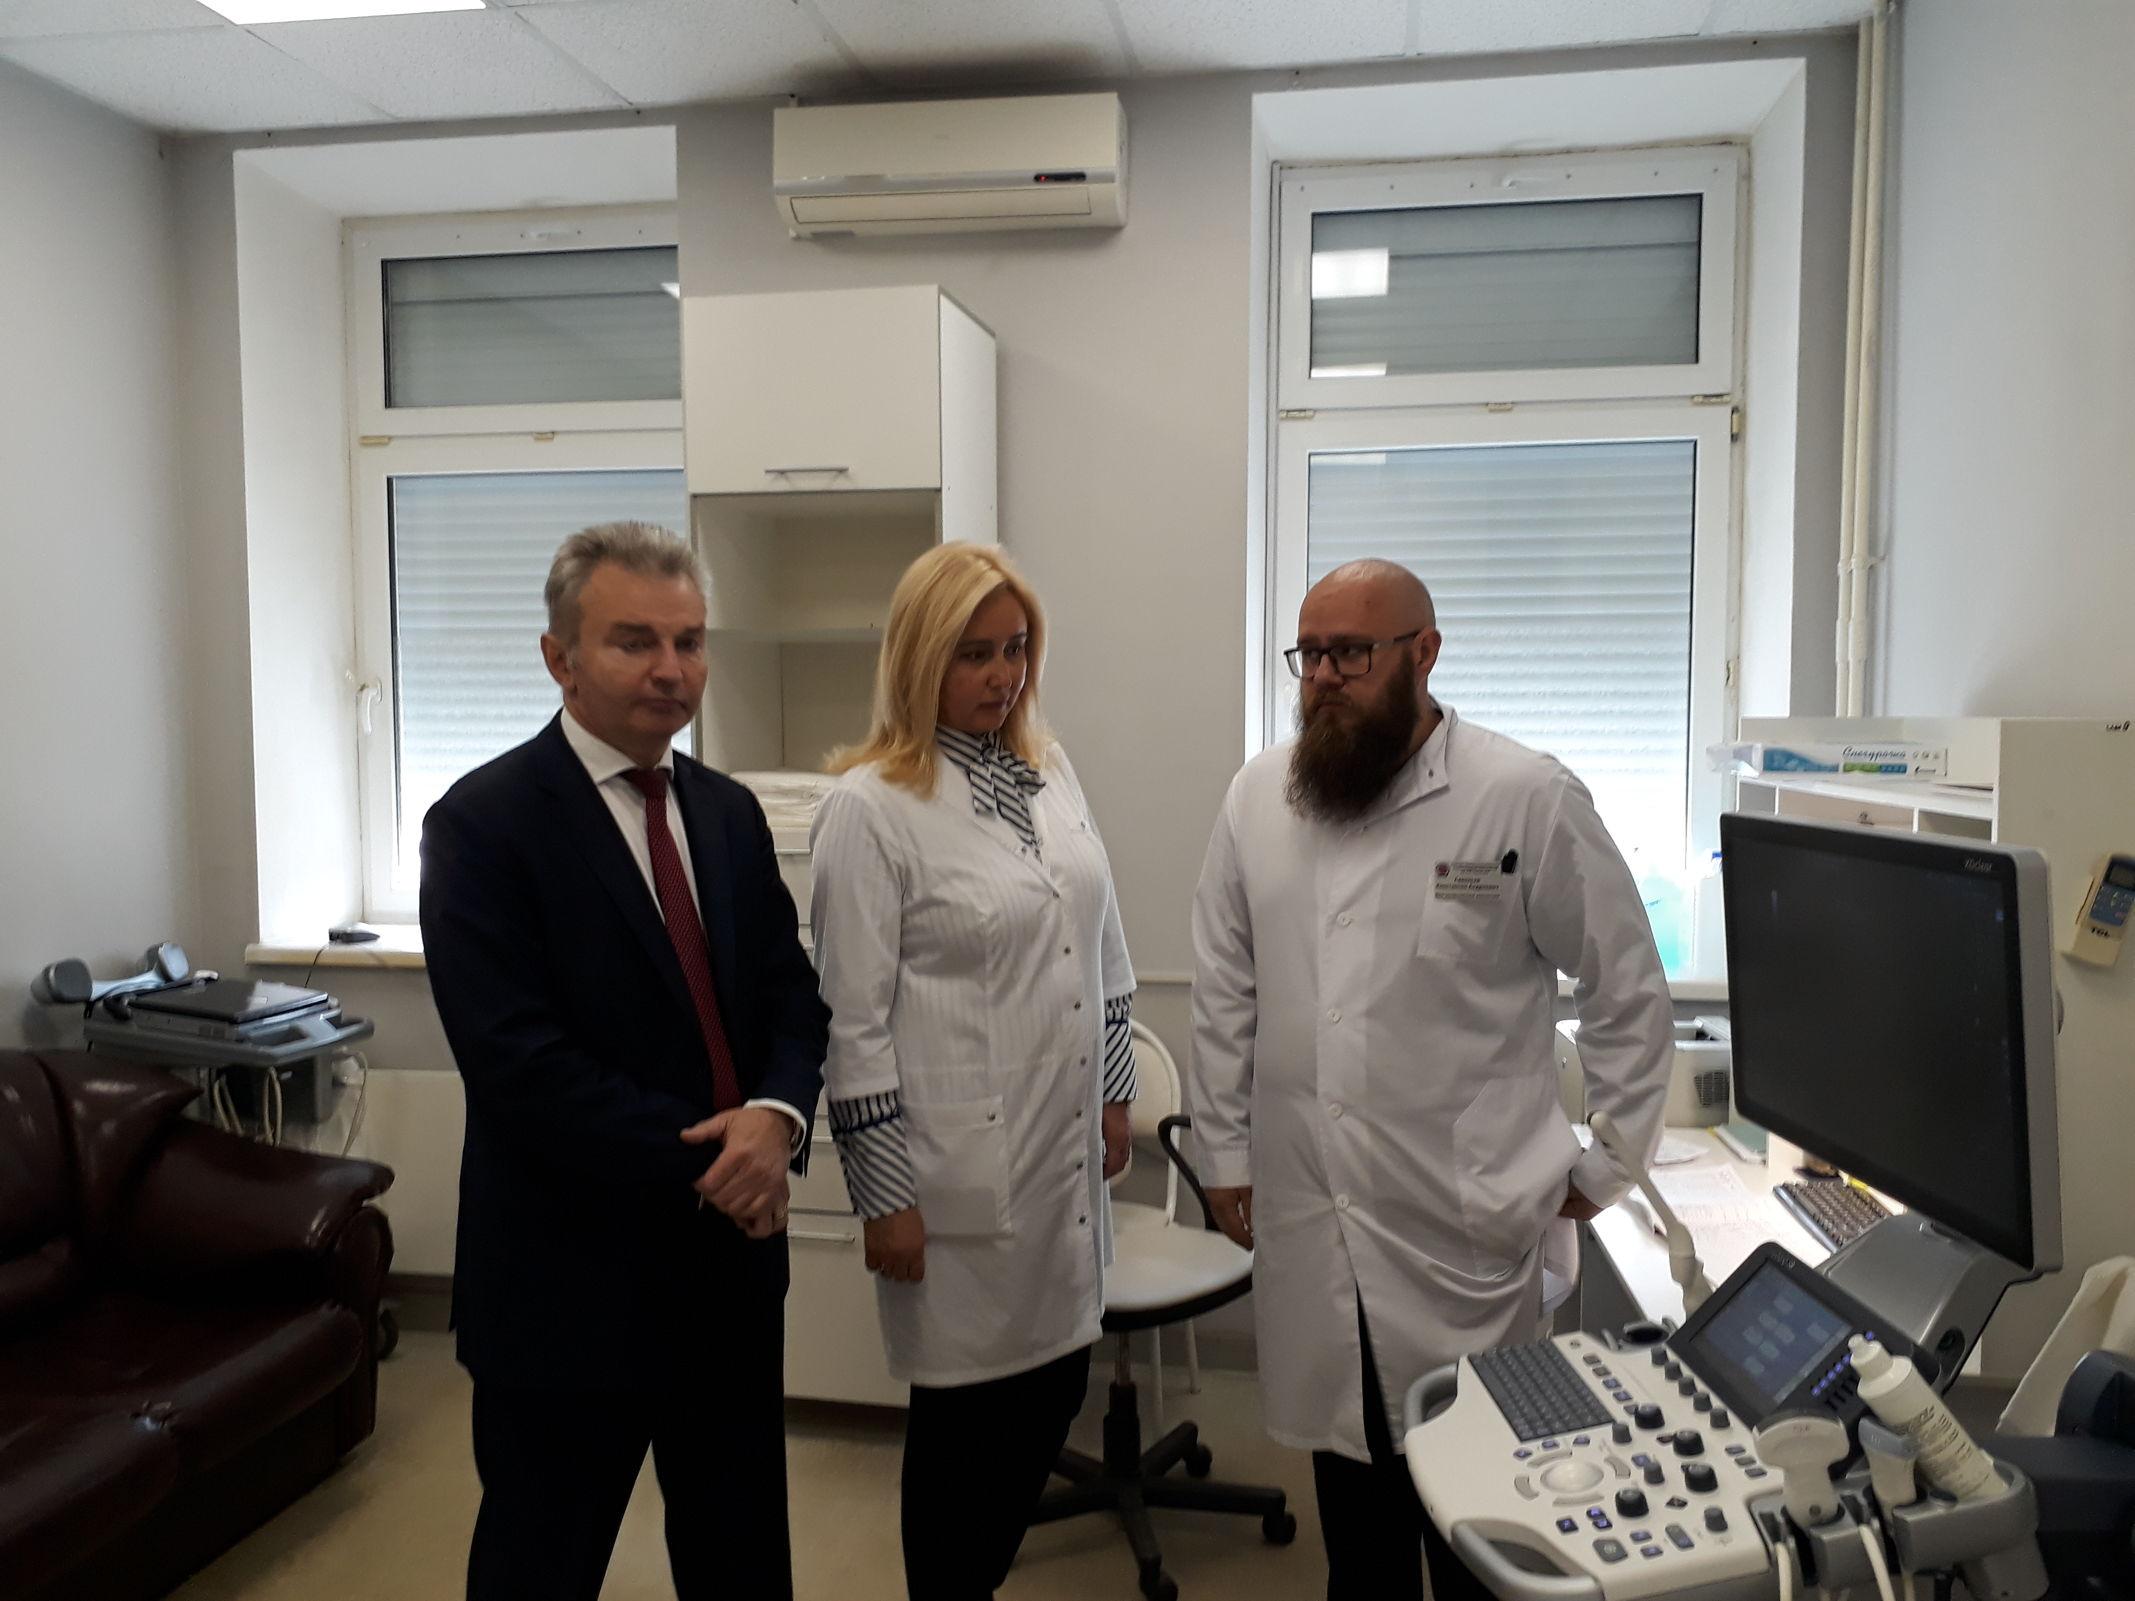 Больница имени Соловьева получила новый ультразвуковой аппарат экспертного класса